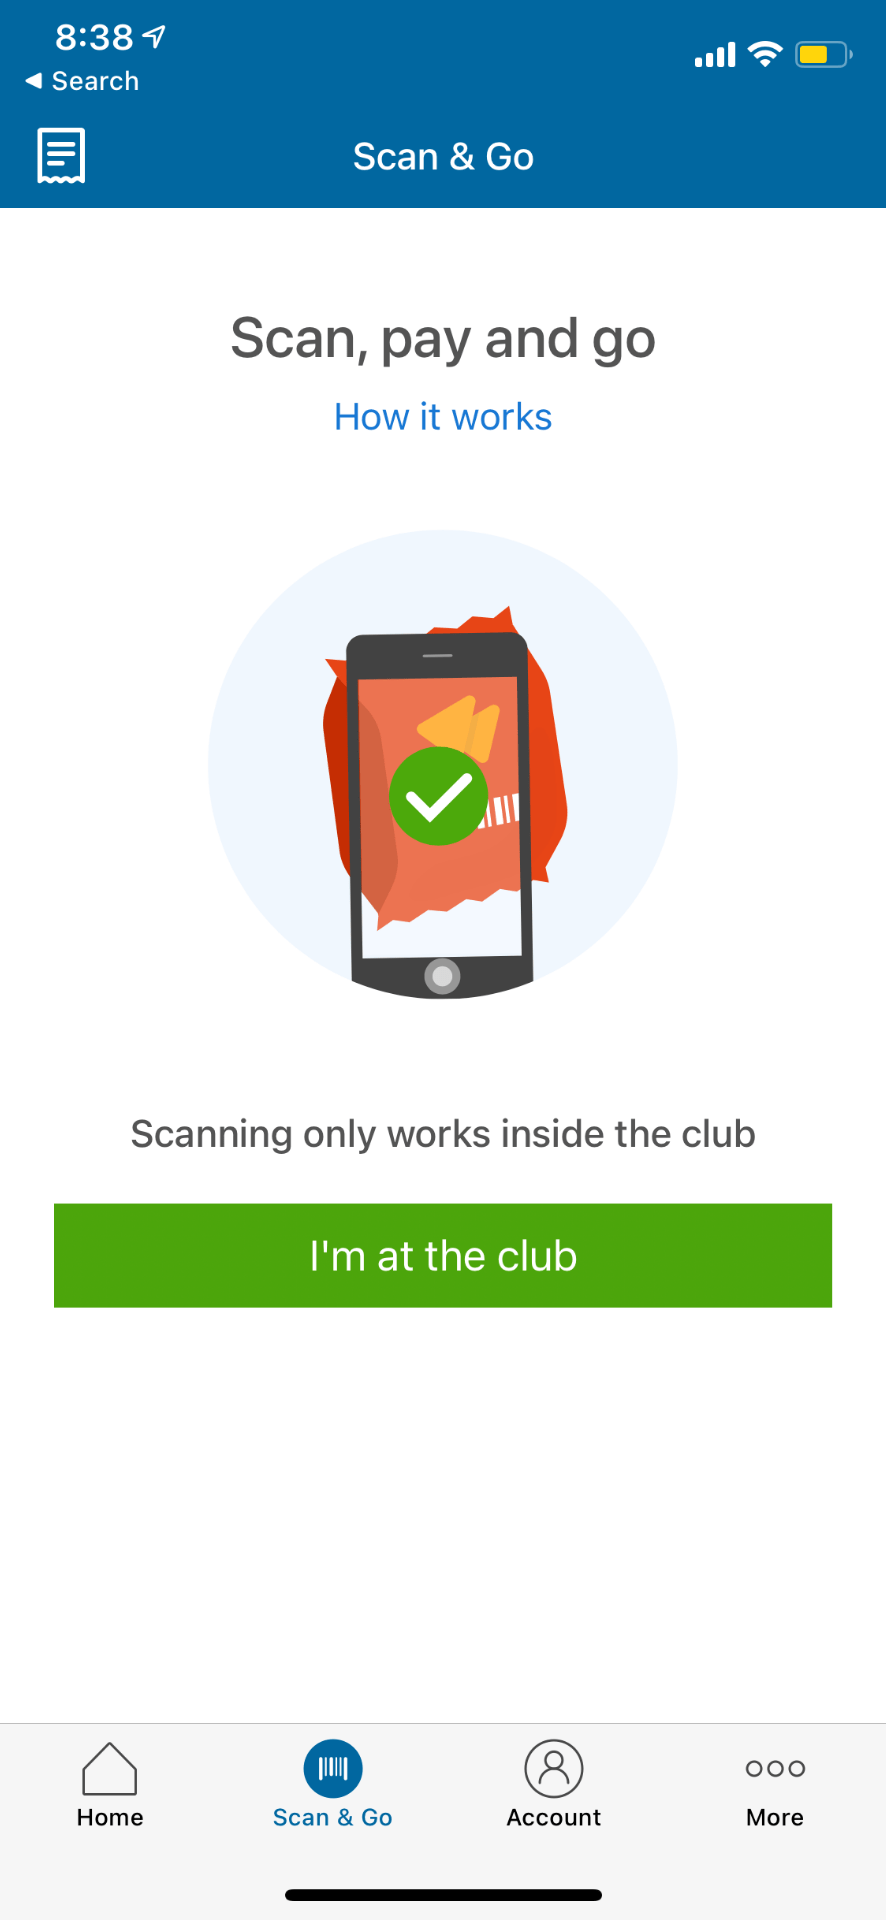 sams club scan & go